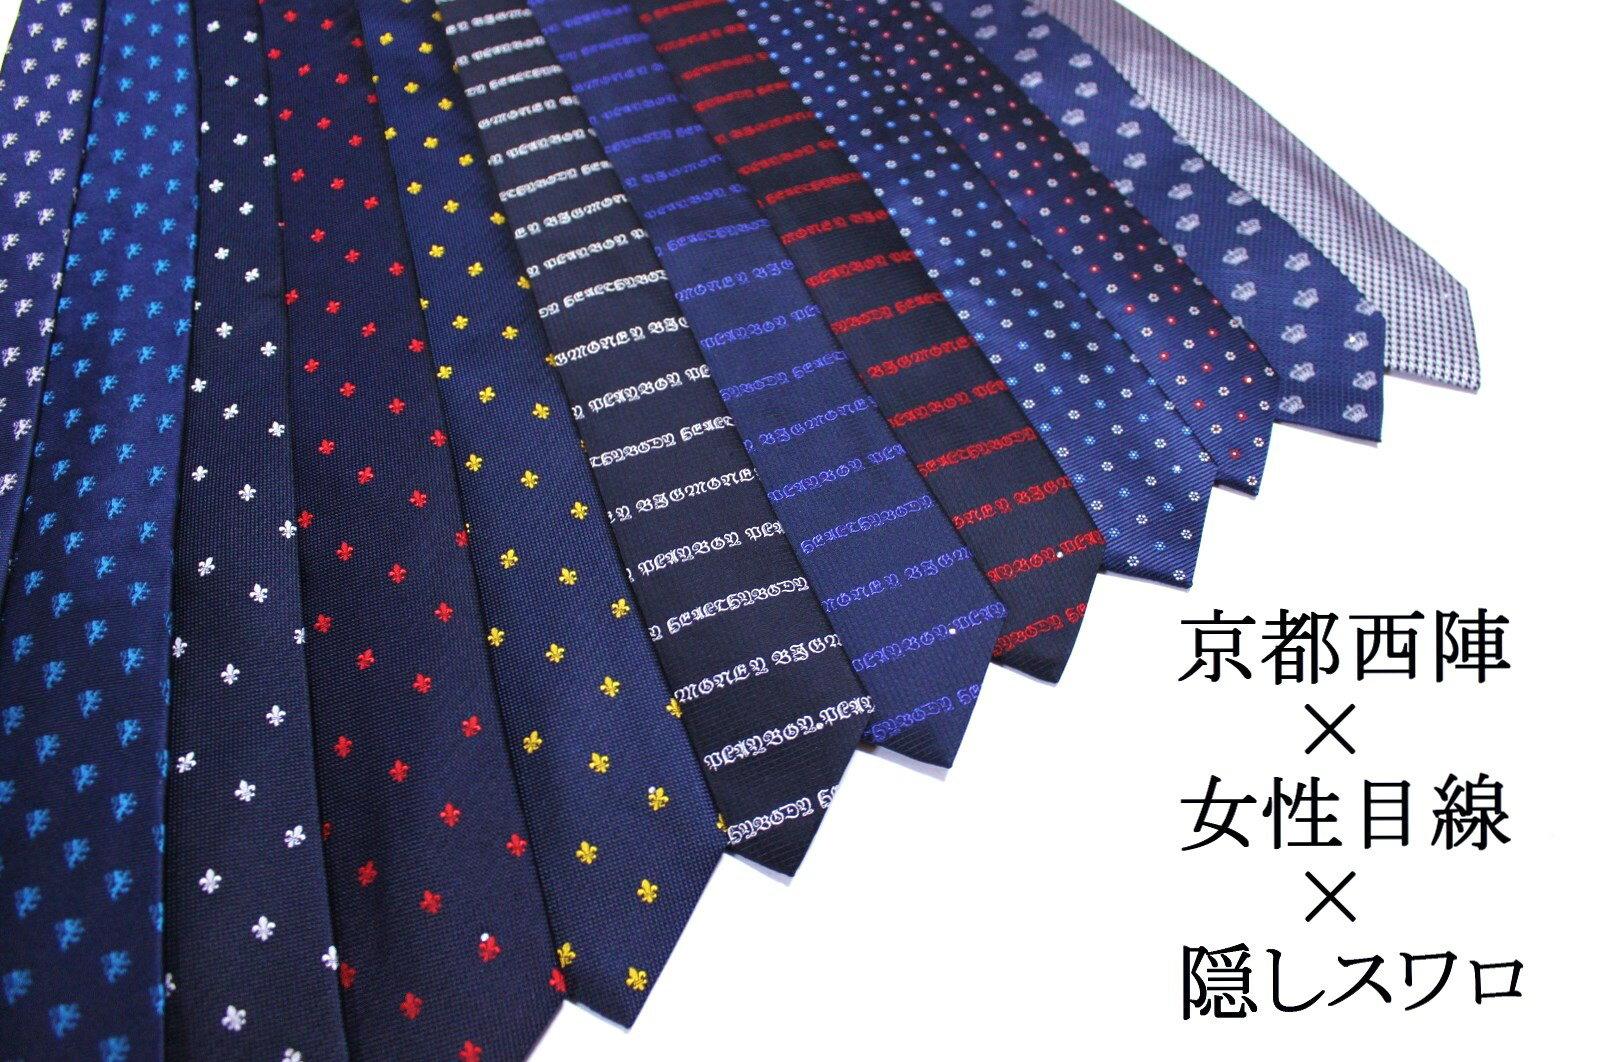 サプライパパ スワロ付き京都西陣製ネクタイ